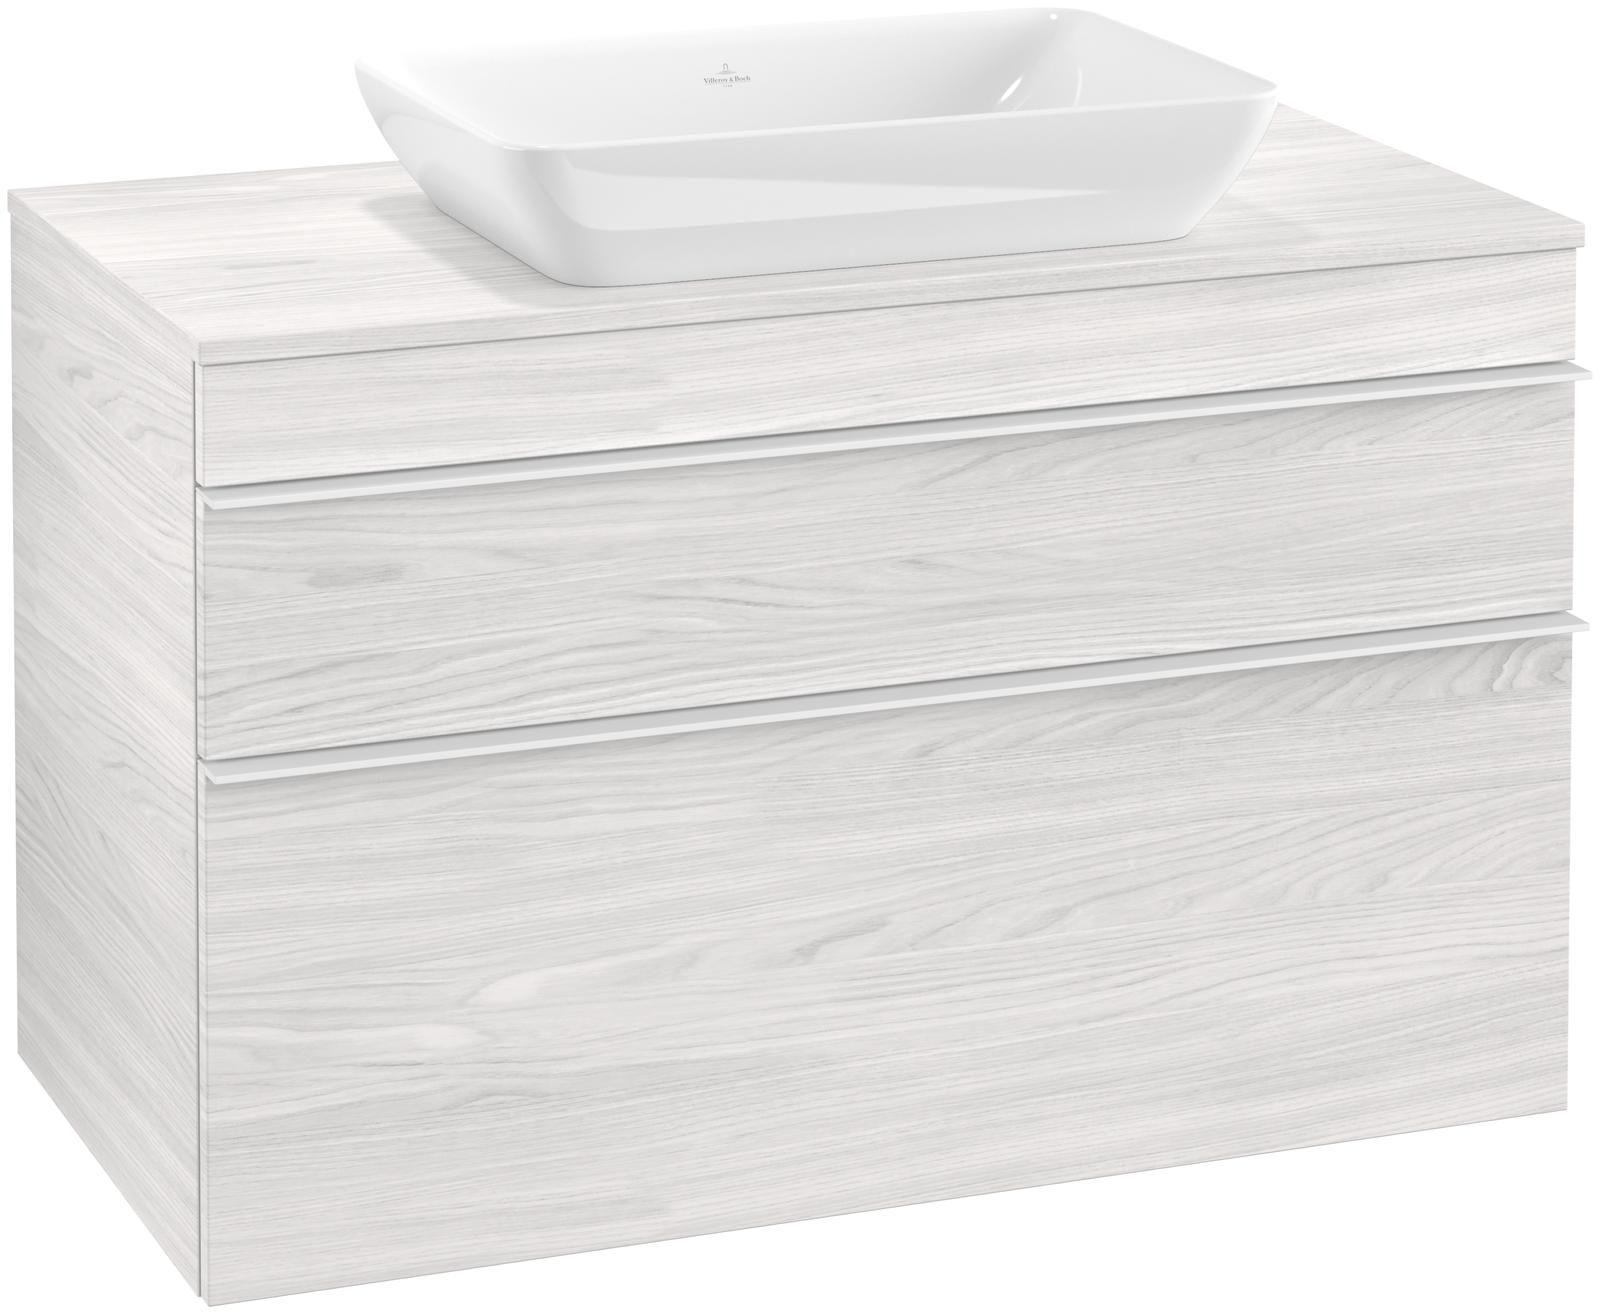 Villeroy & Boch Venticello Waschtischunterschrank für Waschtisch mittig 2 Auszüge B:95,7xH:60,6xT:50,2cm white wood Griffe white Griffe weiß A94102E8